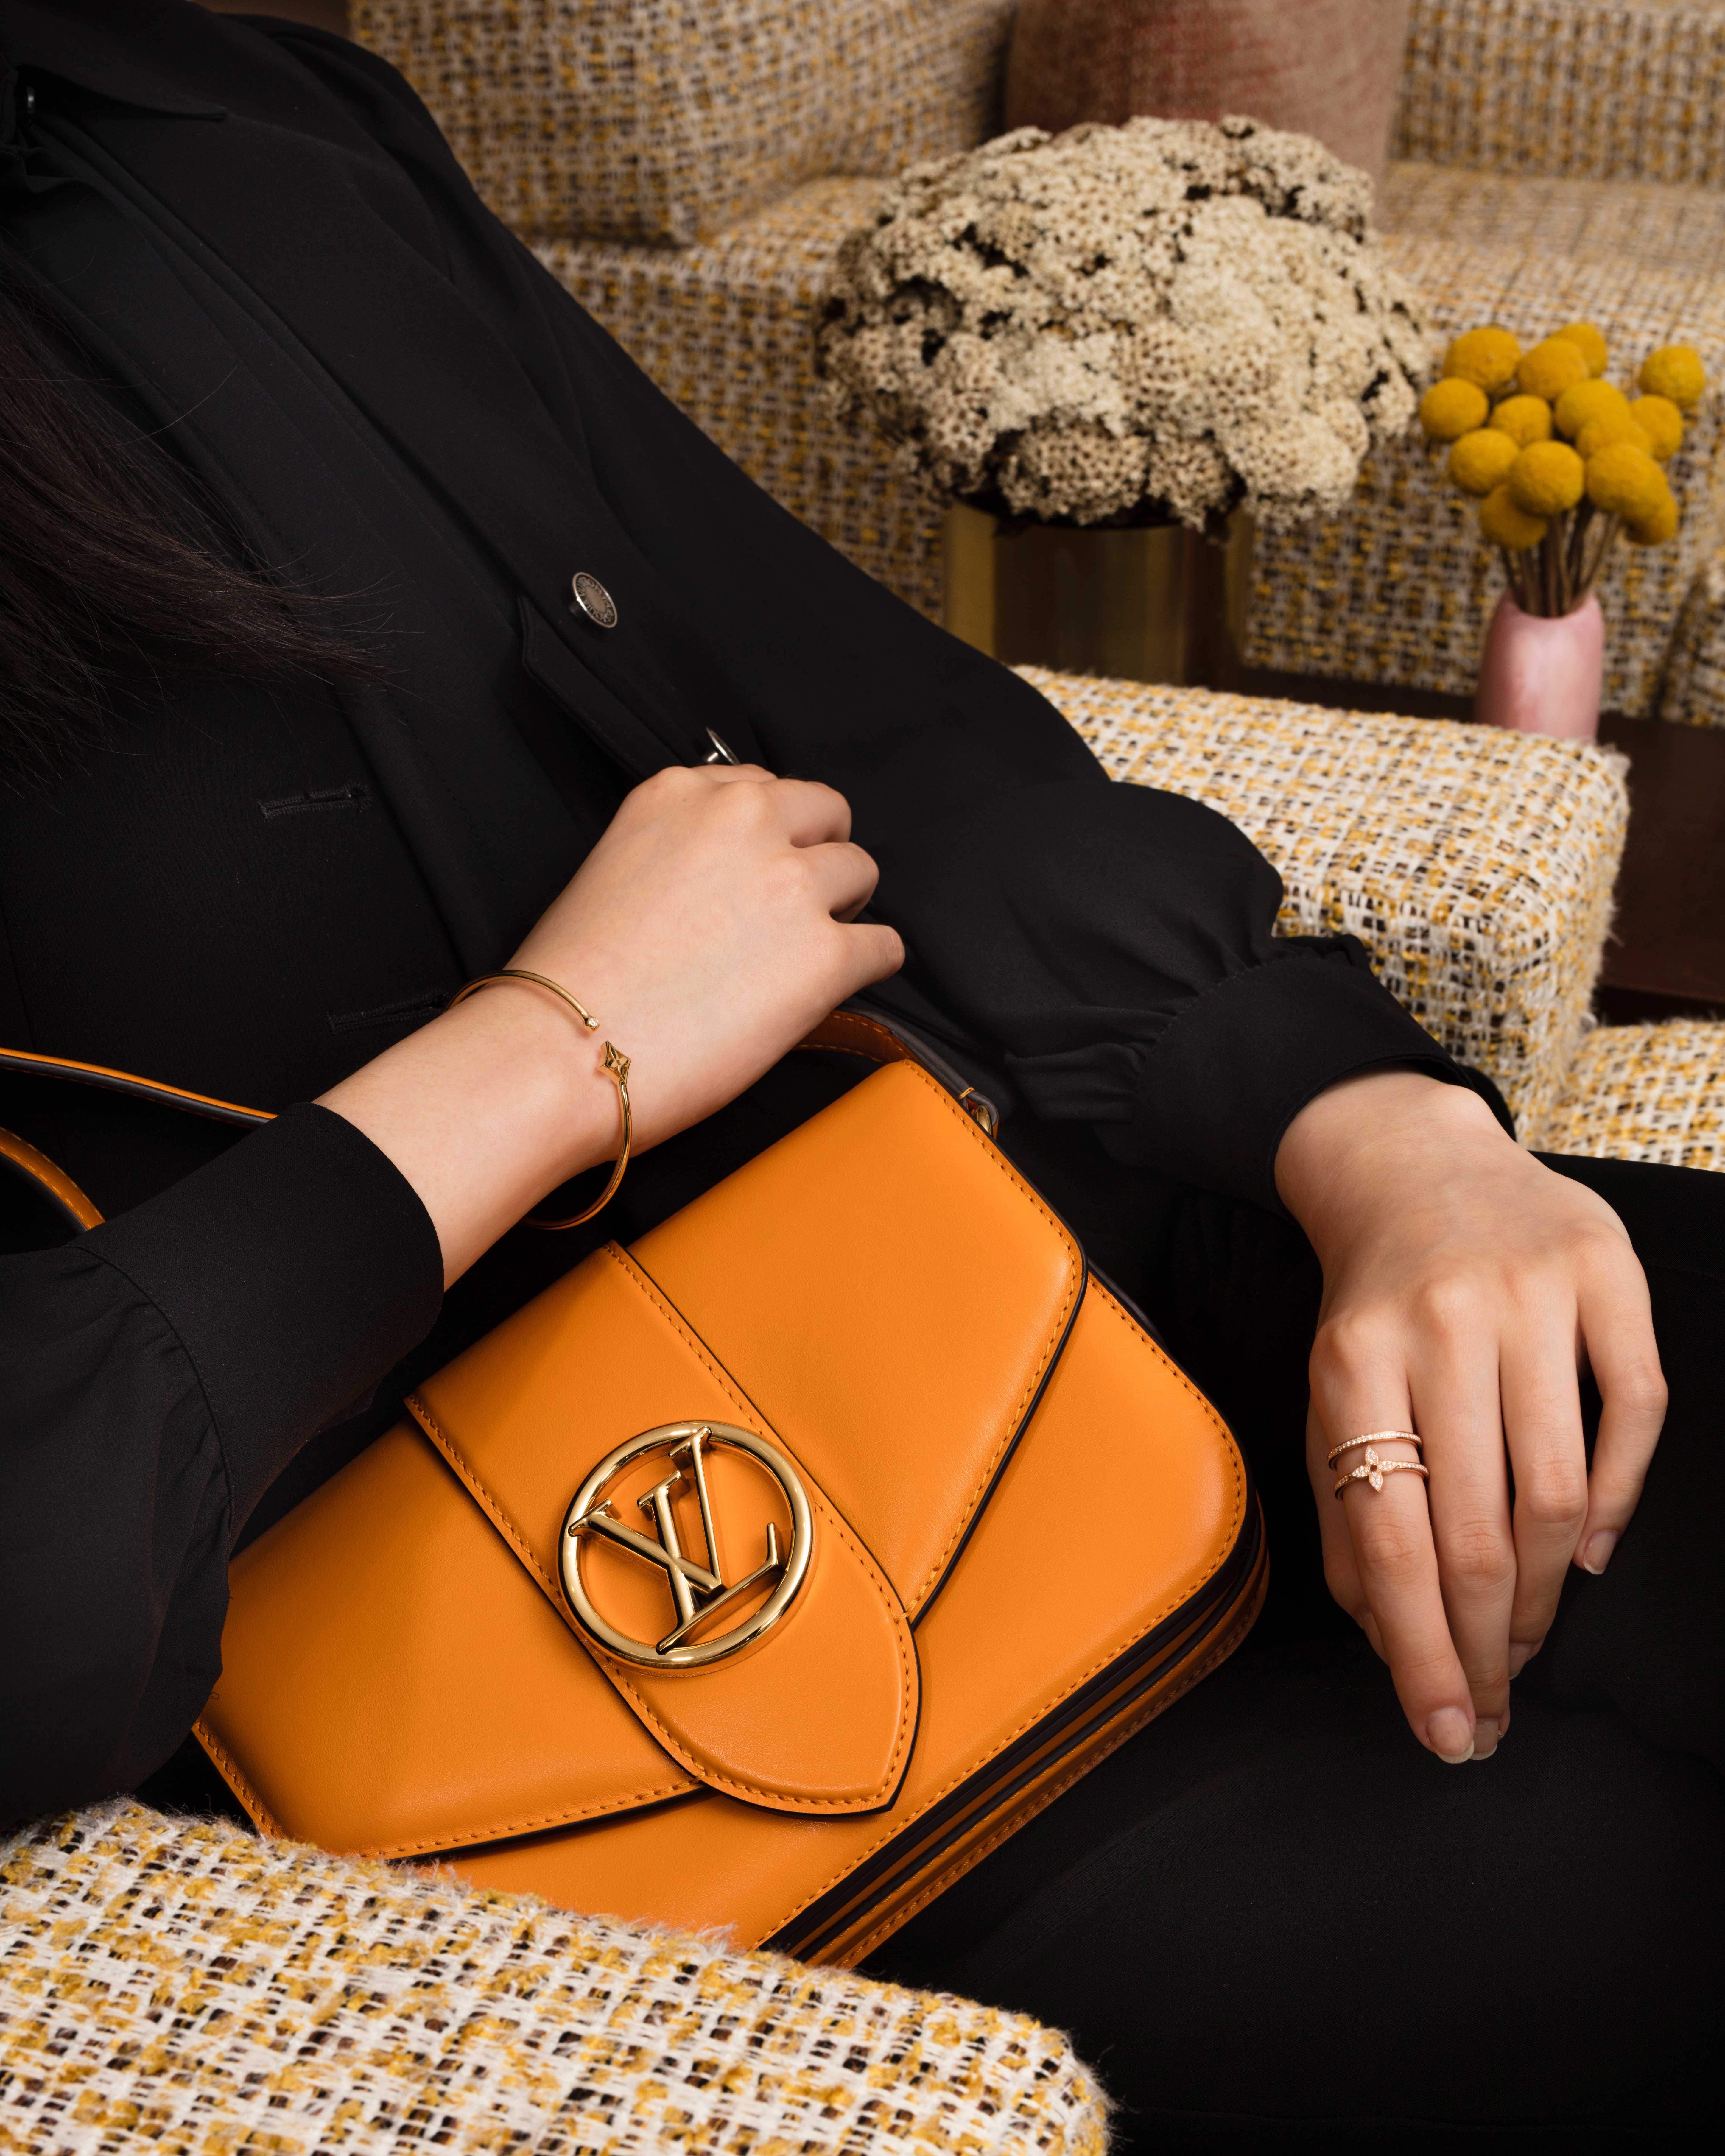 Túi LV Pont 9 màu nâu vàng cam